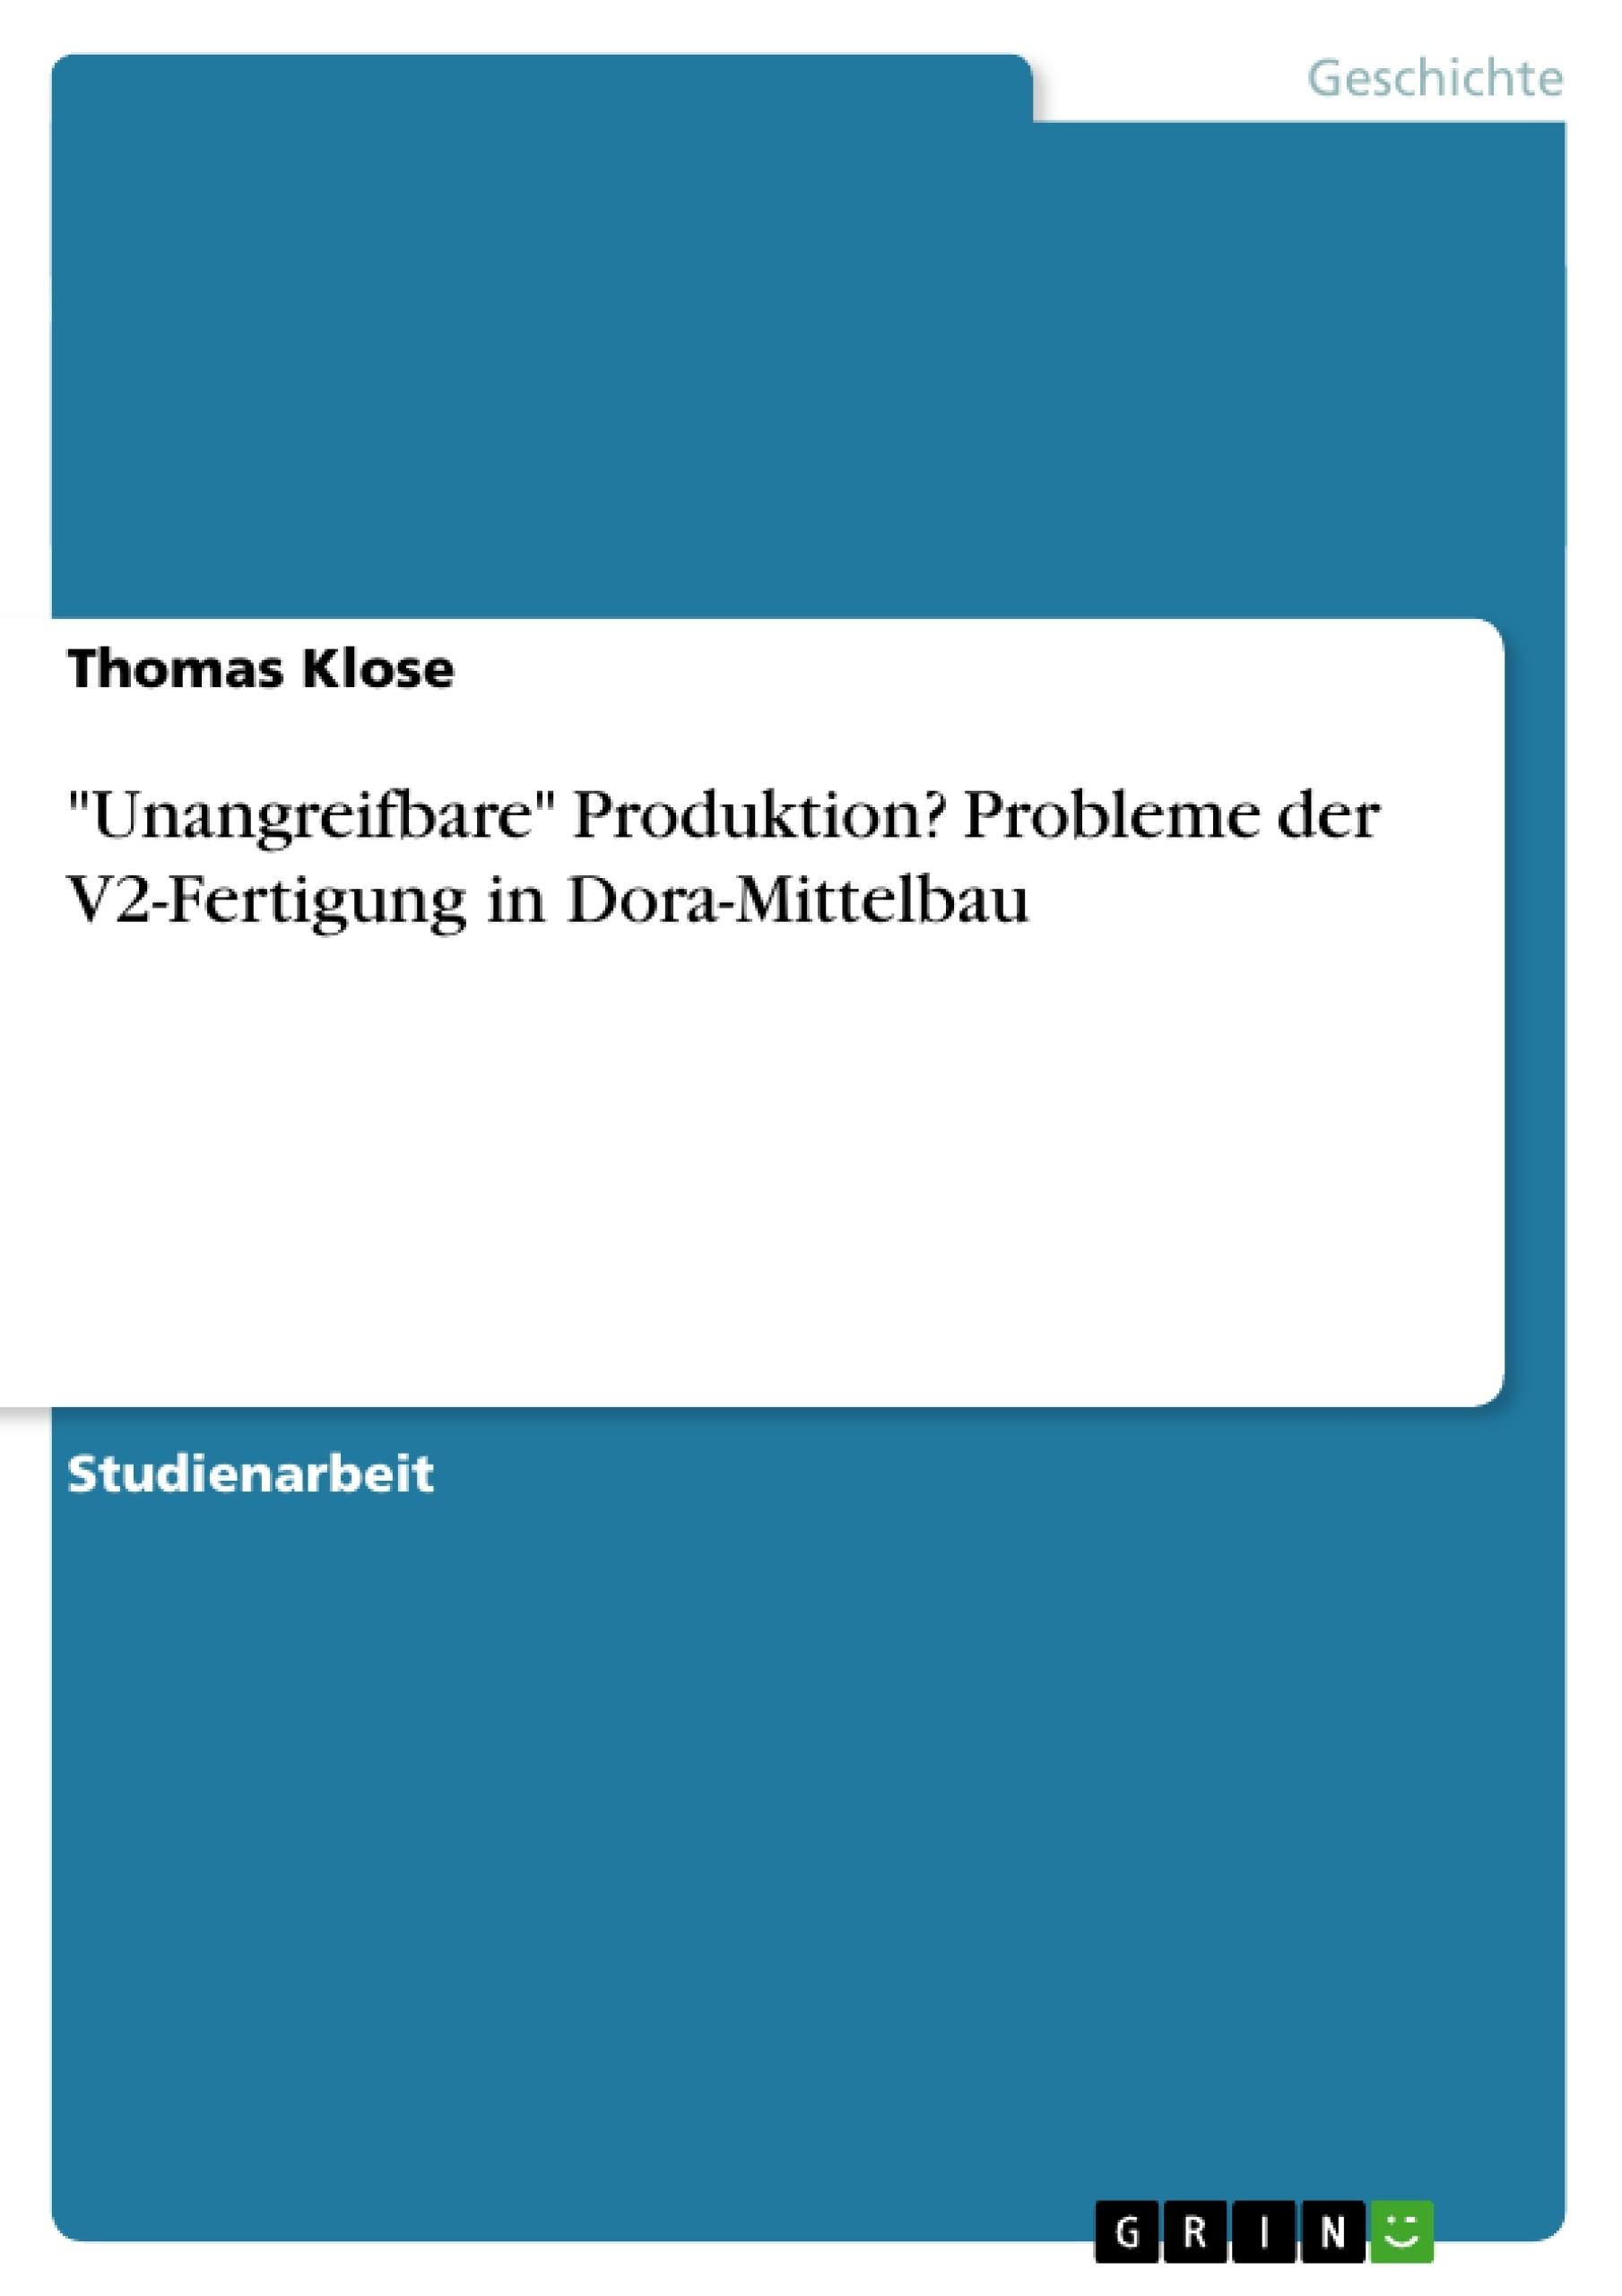 """Titel: """"Unangreifbare"""" Produktion? Probleme der V2-Fertigung in Dora-Mittelbau"""